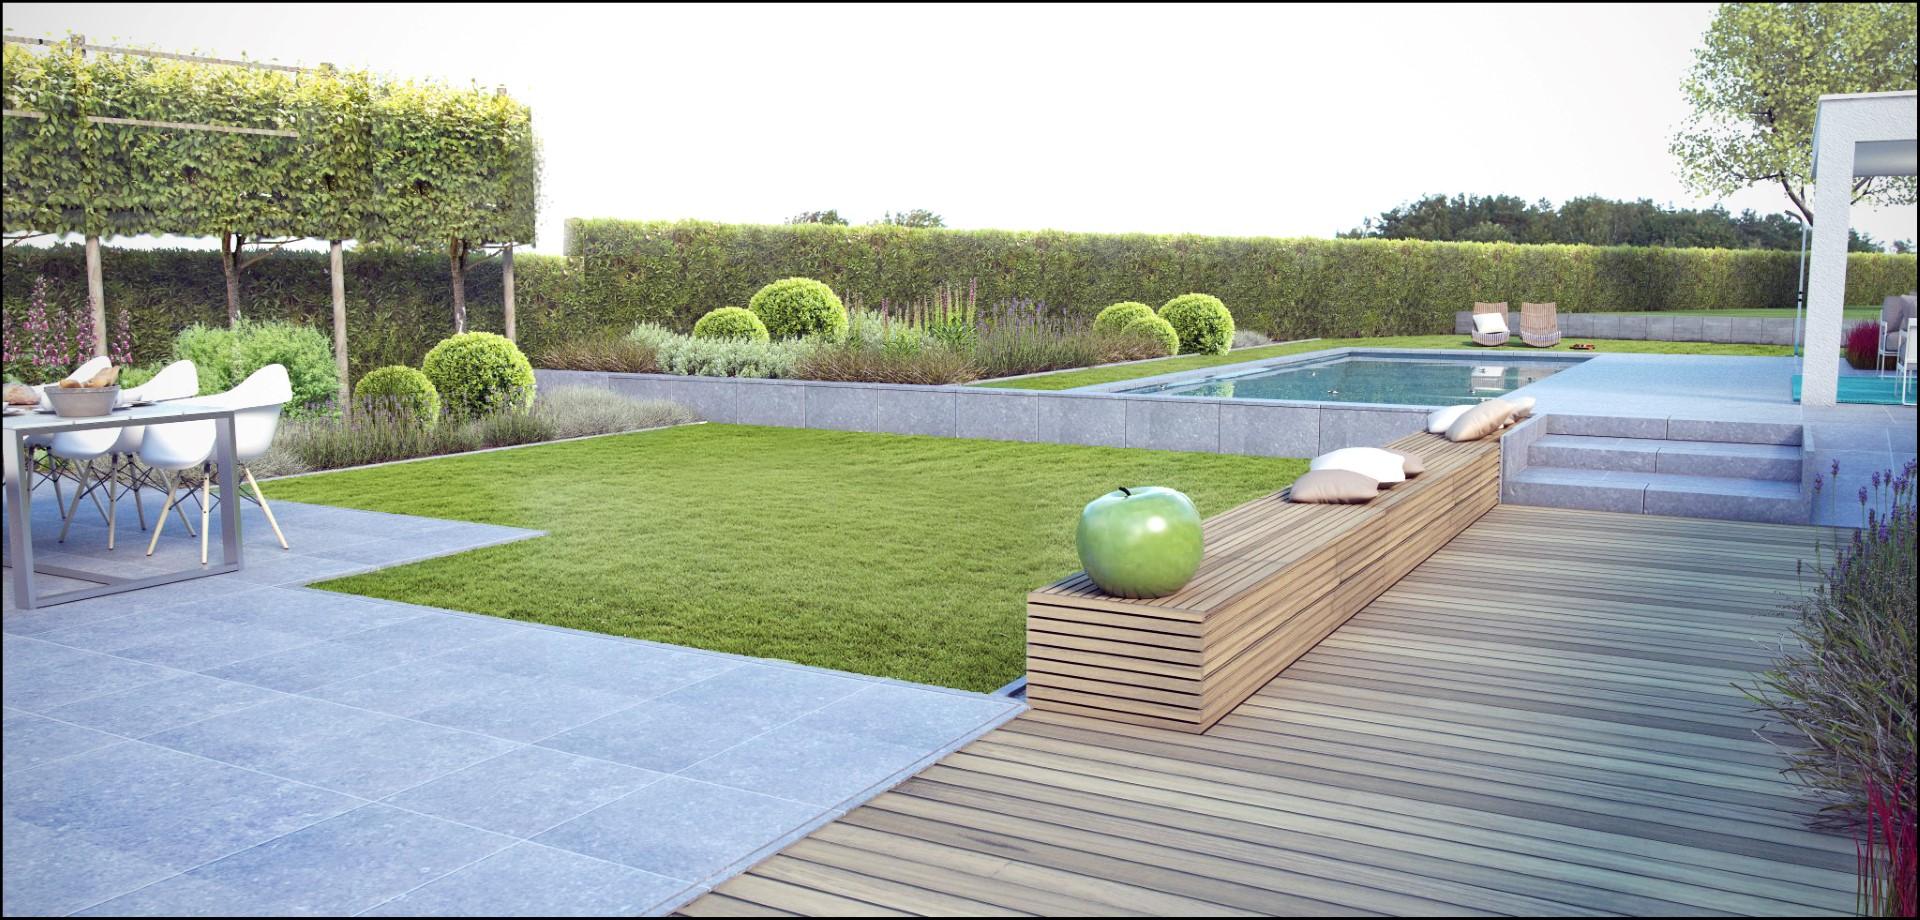 Eco tuinarchitectengroep 3d projecten zwembad poolhouse - Klein zwembad in de kleine tuin ...